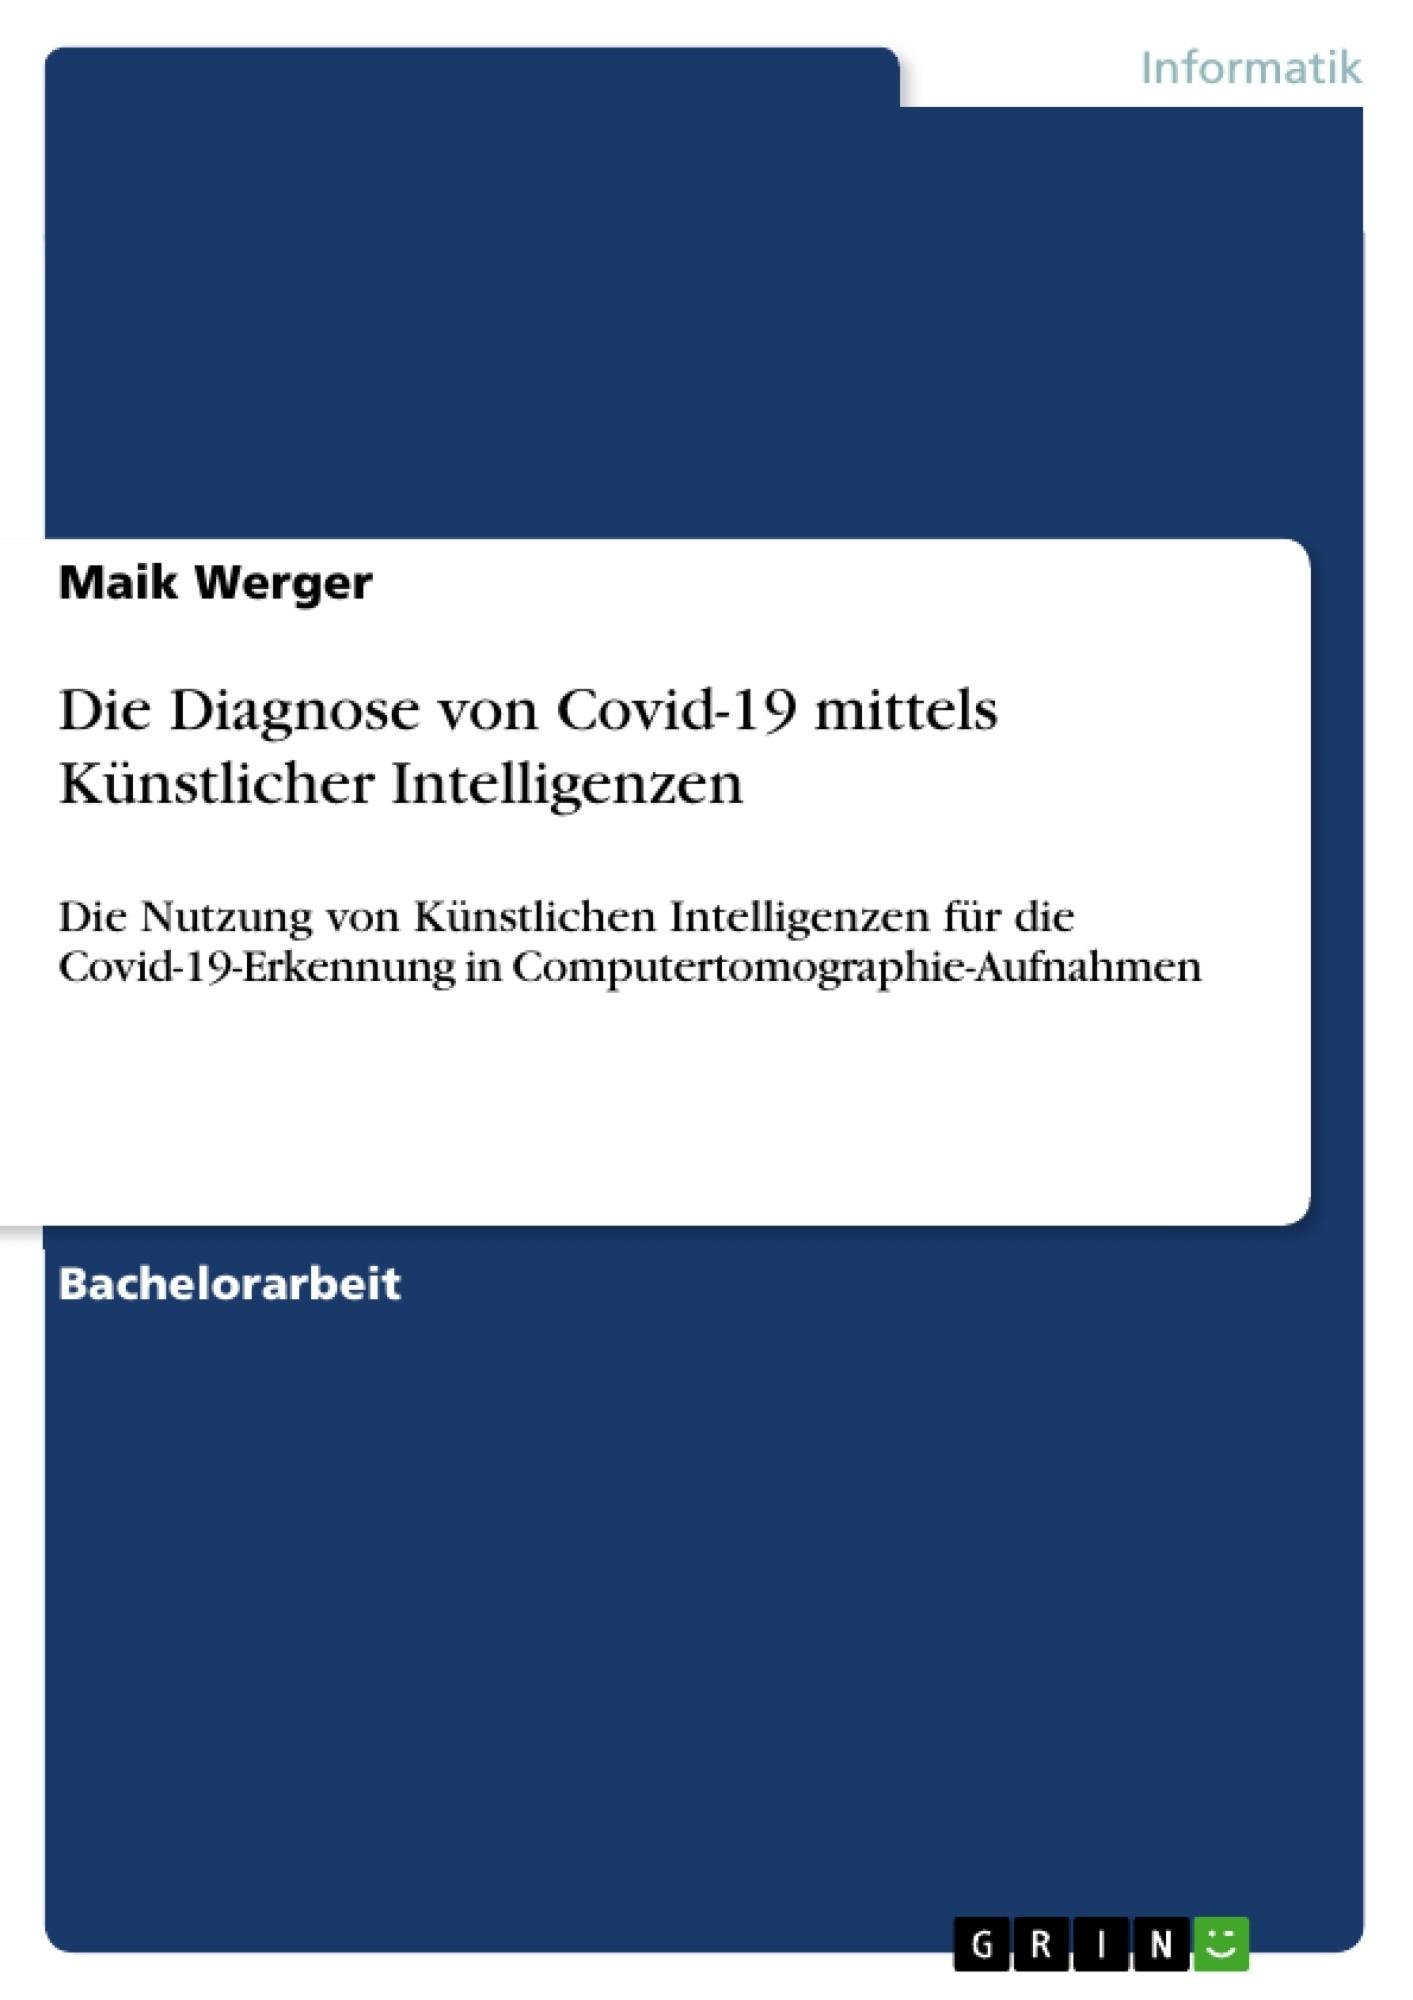 Titel: Die Diagnose von Covid-19 mittels Künstlicher Intelligenzen